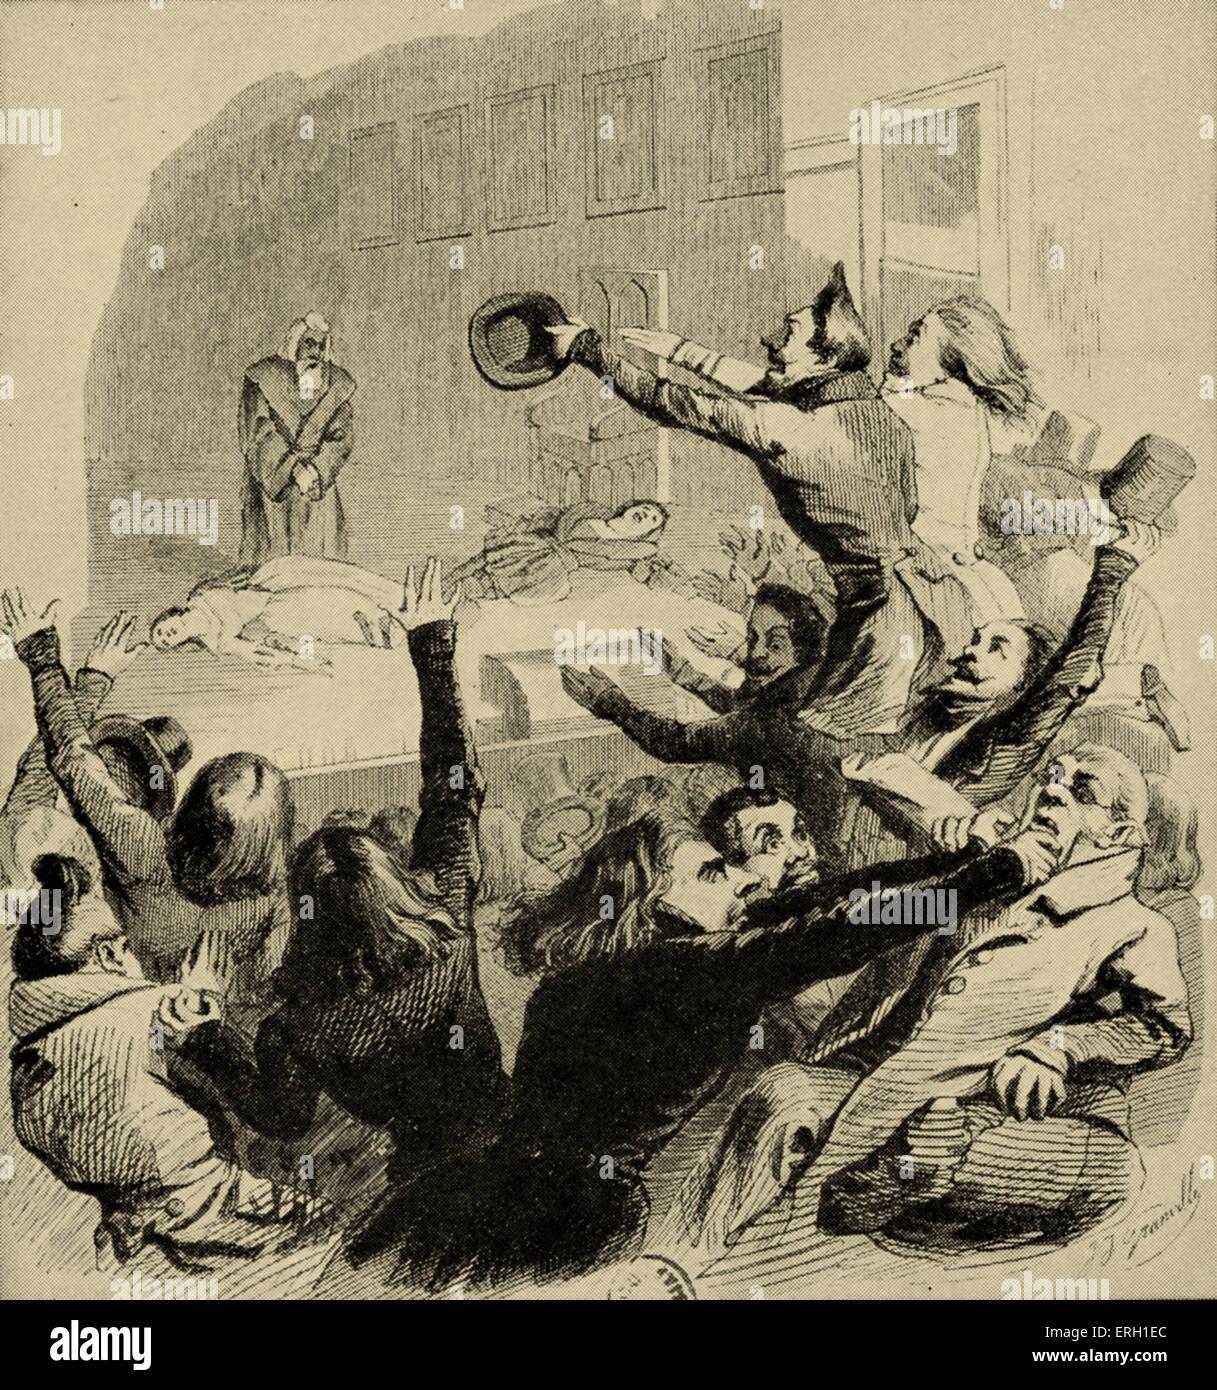 Estreno de Victor Hugo 's Hernani. Caricatura de la época. Ilustración mostrando el juego la caótica Imagen De Stock